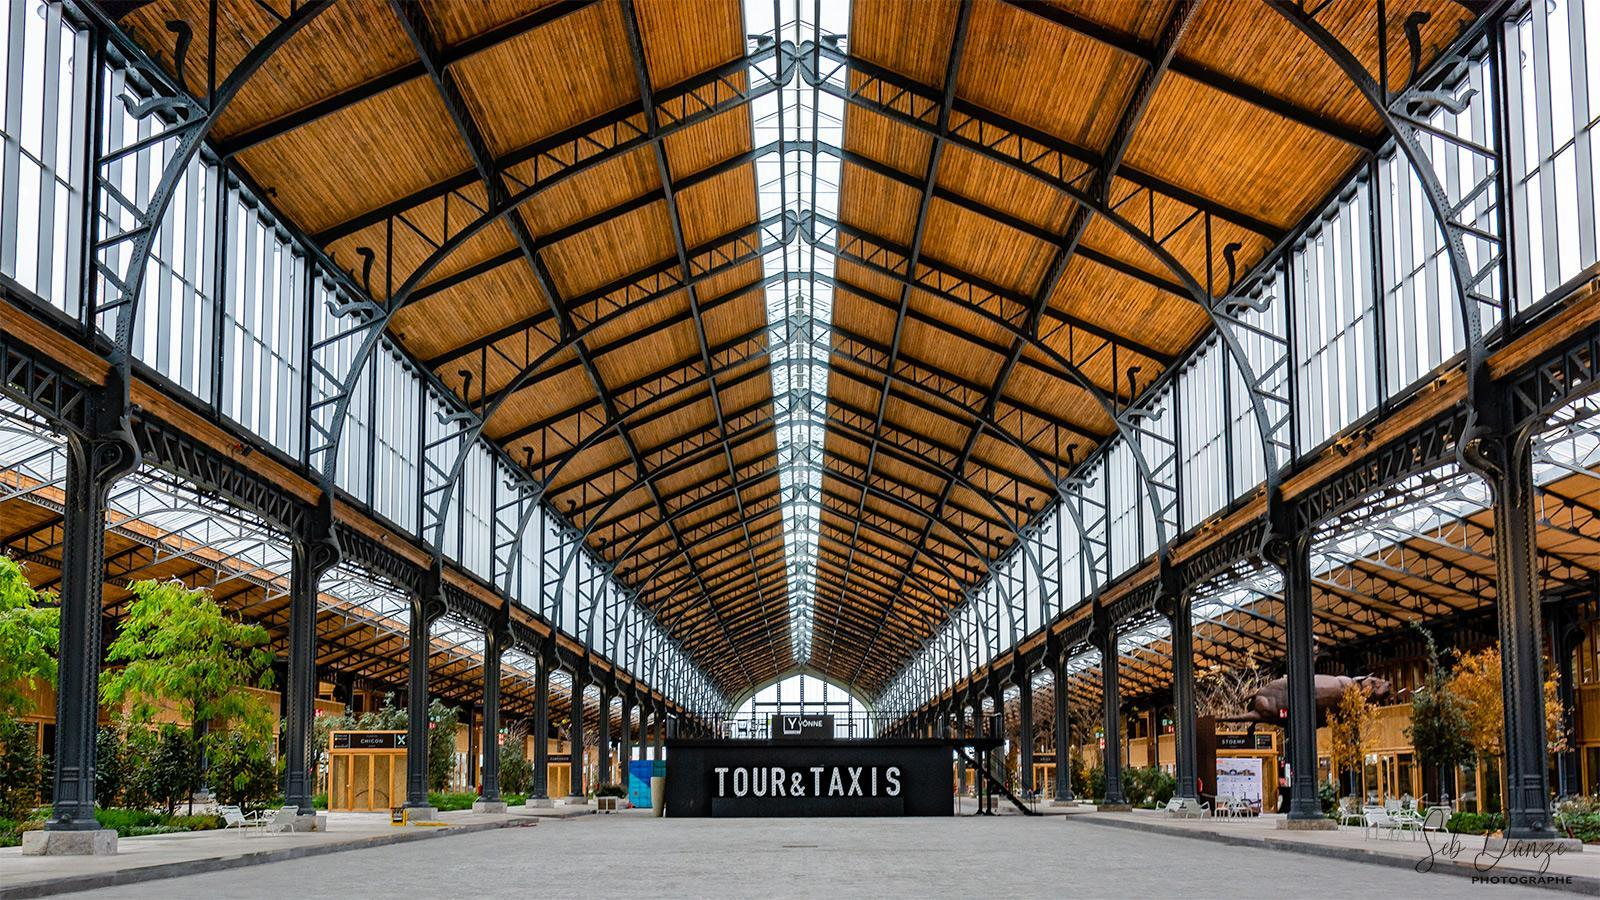 Photowalk Tour Taxis Architecture